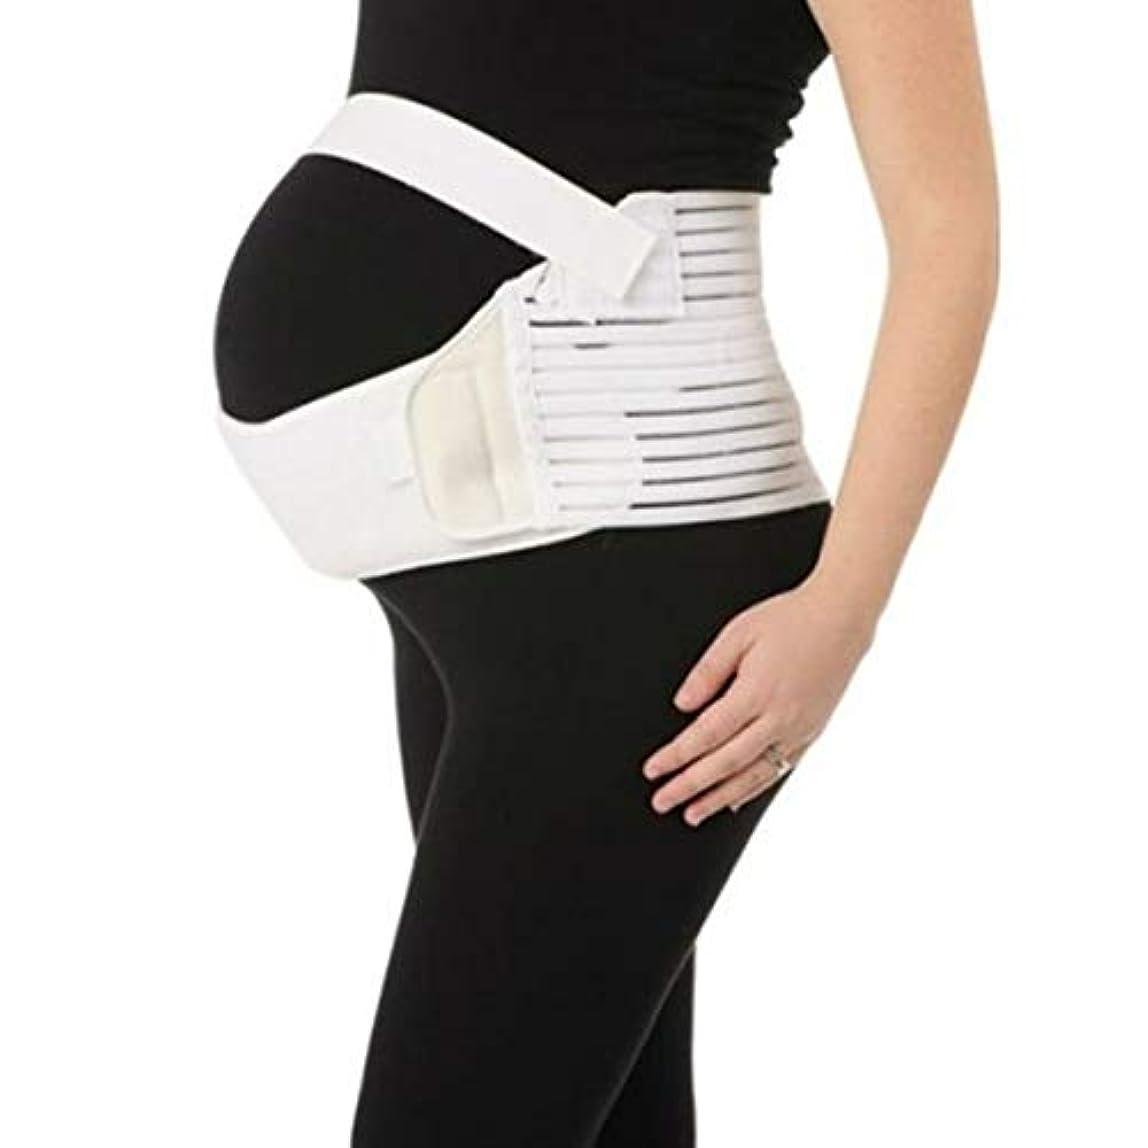 申し立て暴徒悲観主義者通気性マタニティベルト妊娠腹部サポート腹部バインダーガードル運動包帯産後回復形状ウェア - ホワイトXL